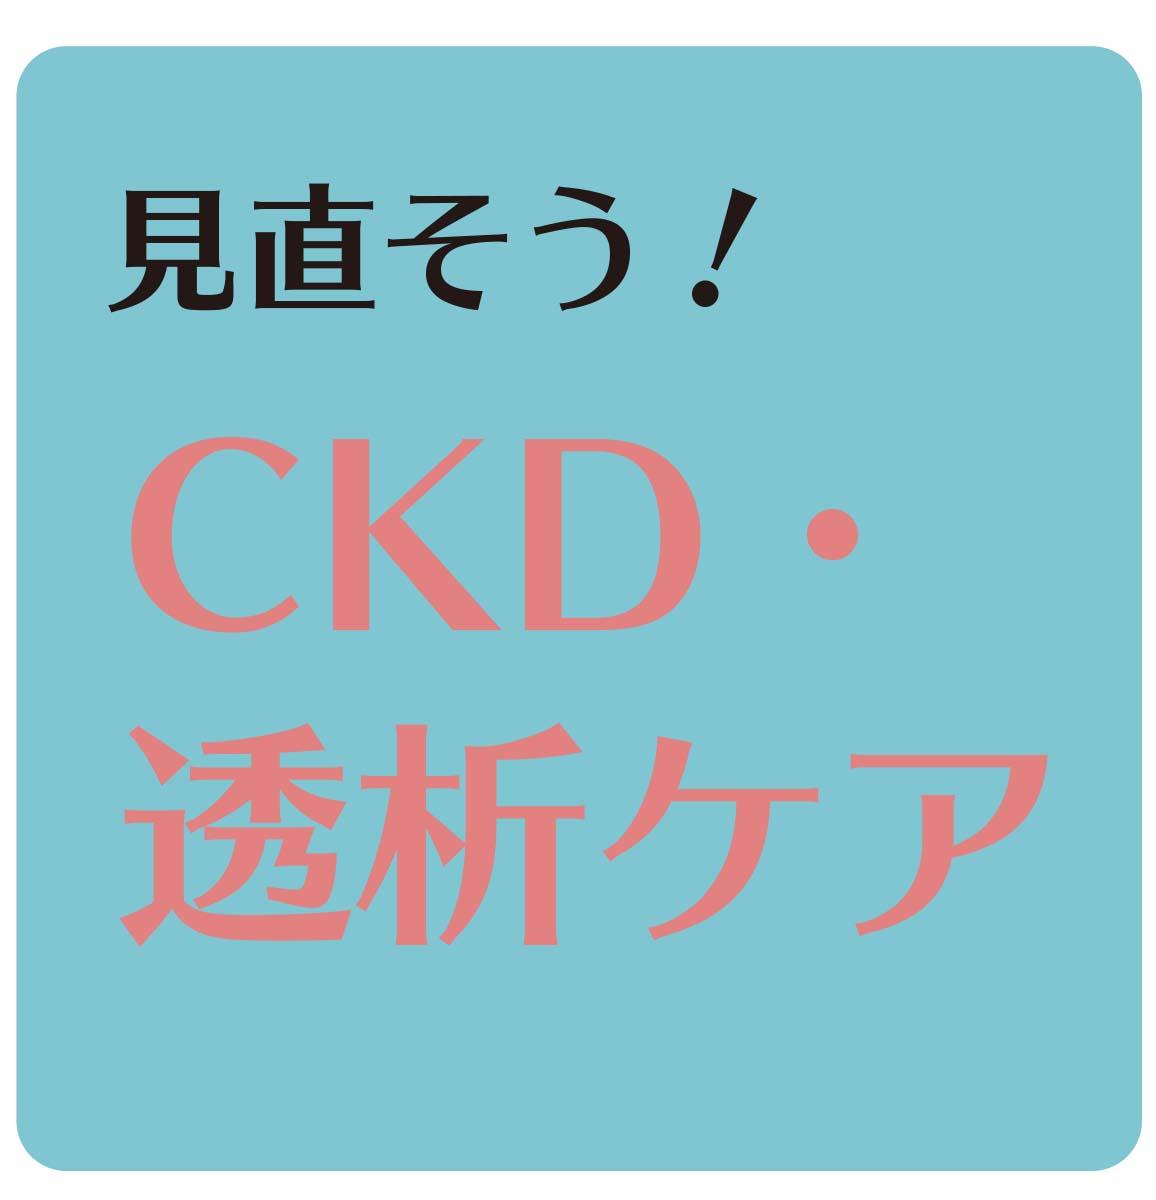 Ckd   icon